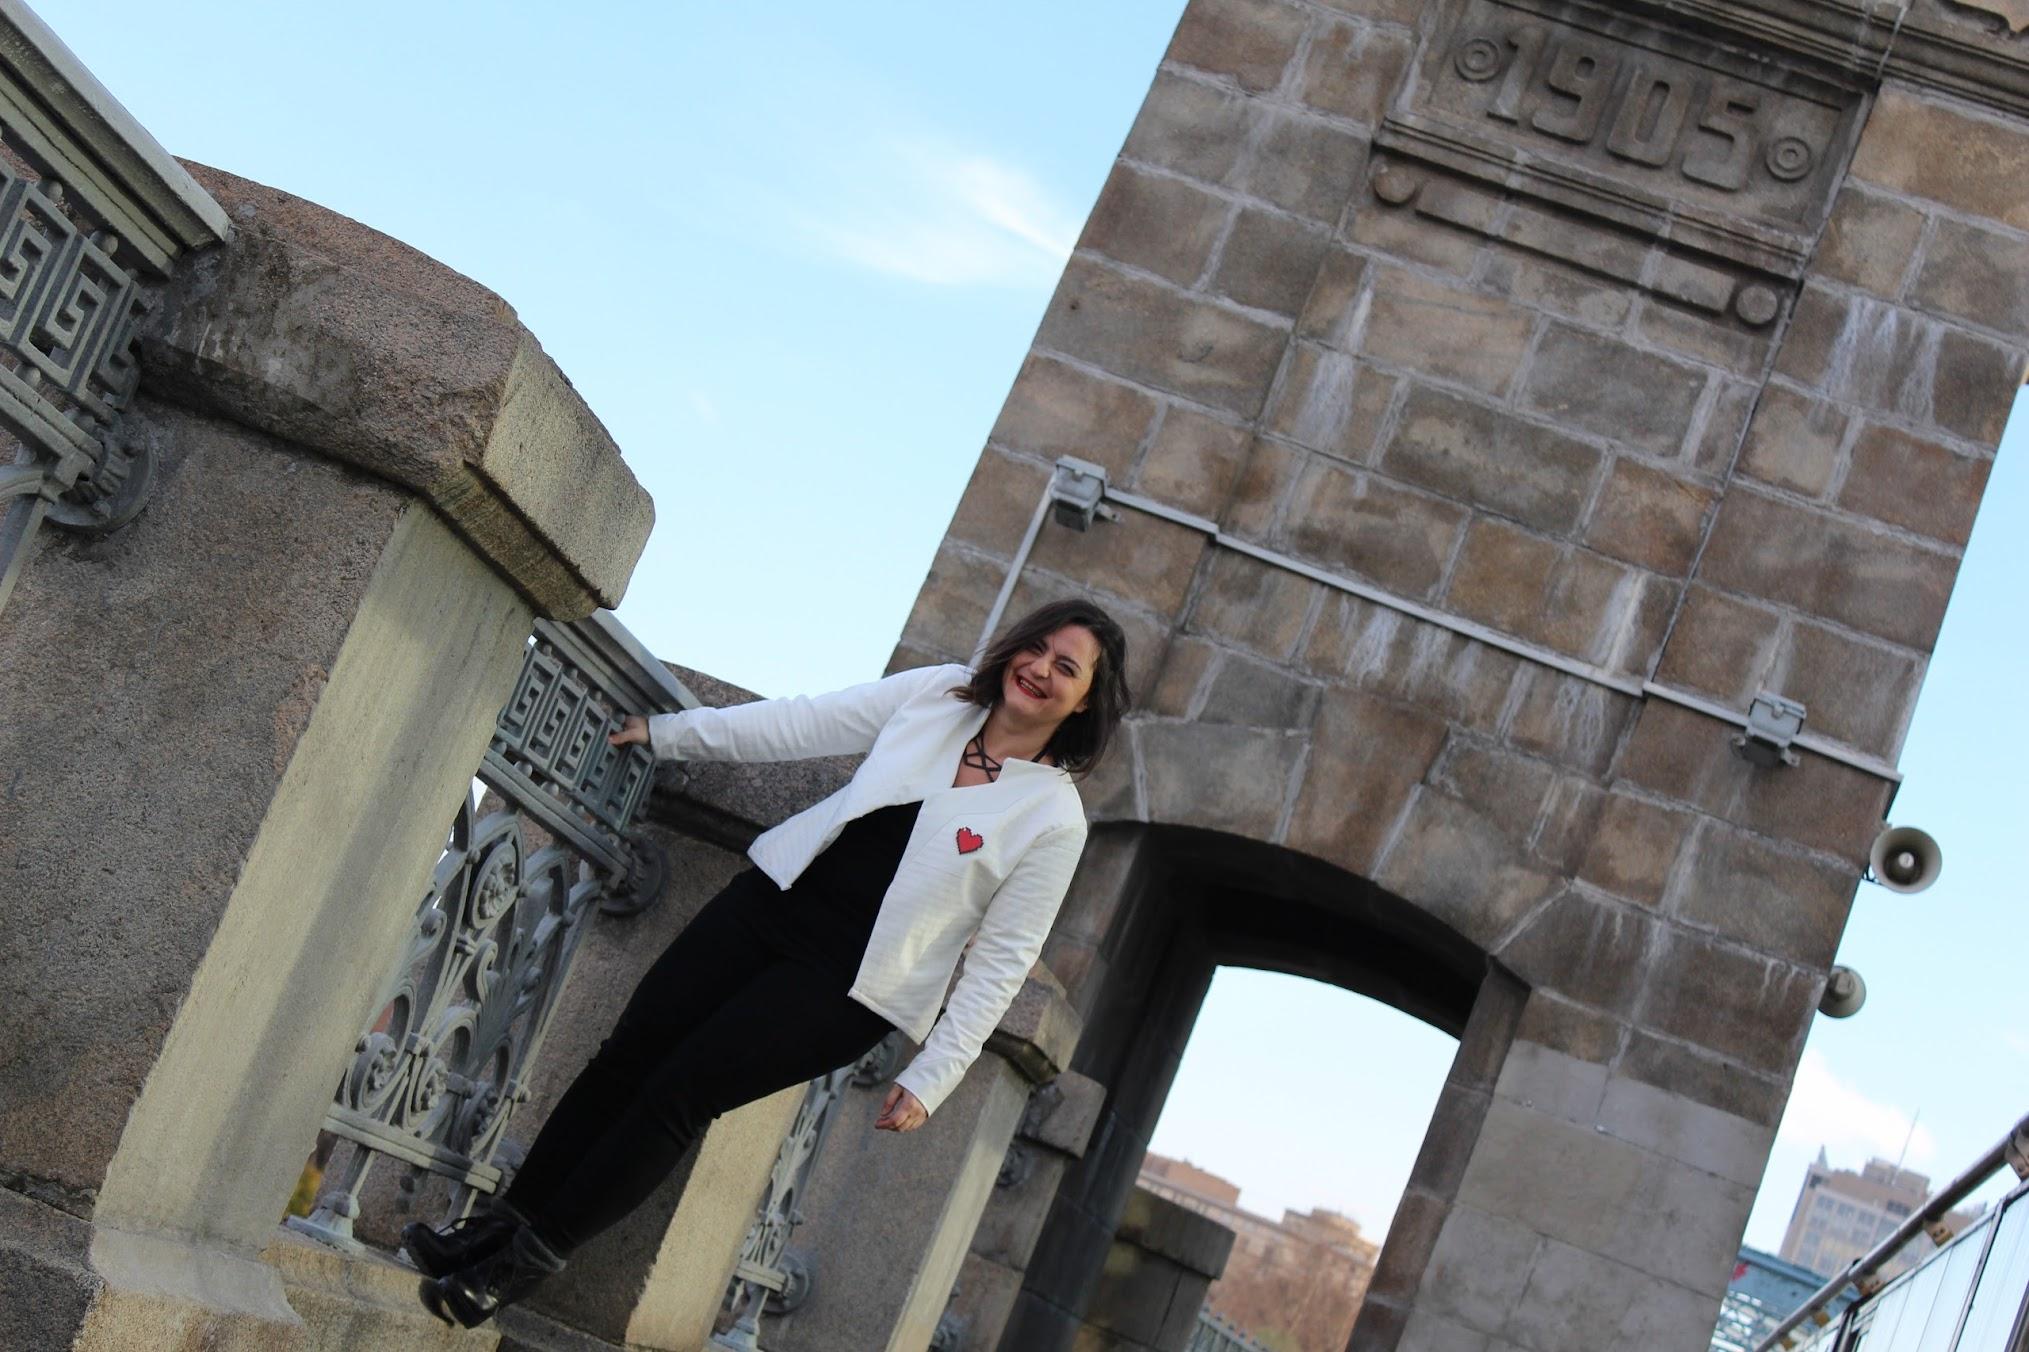 29 Ekim etkinlik dikiş etkinliği beyaz ceket